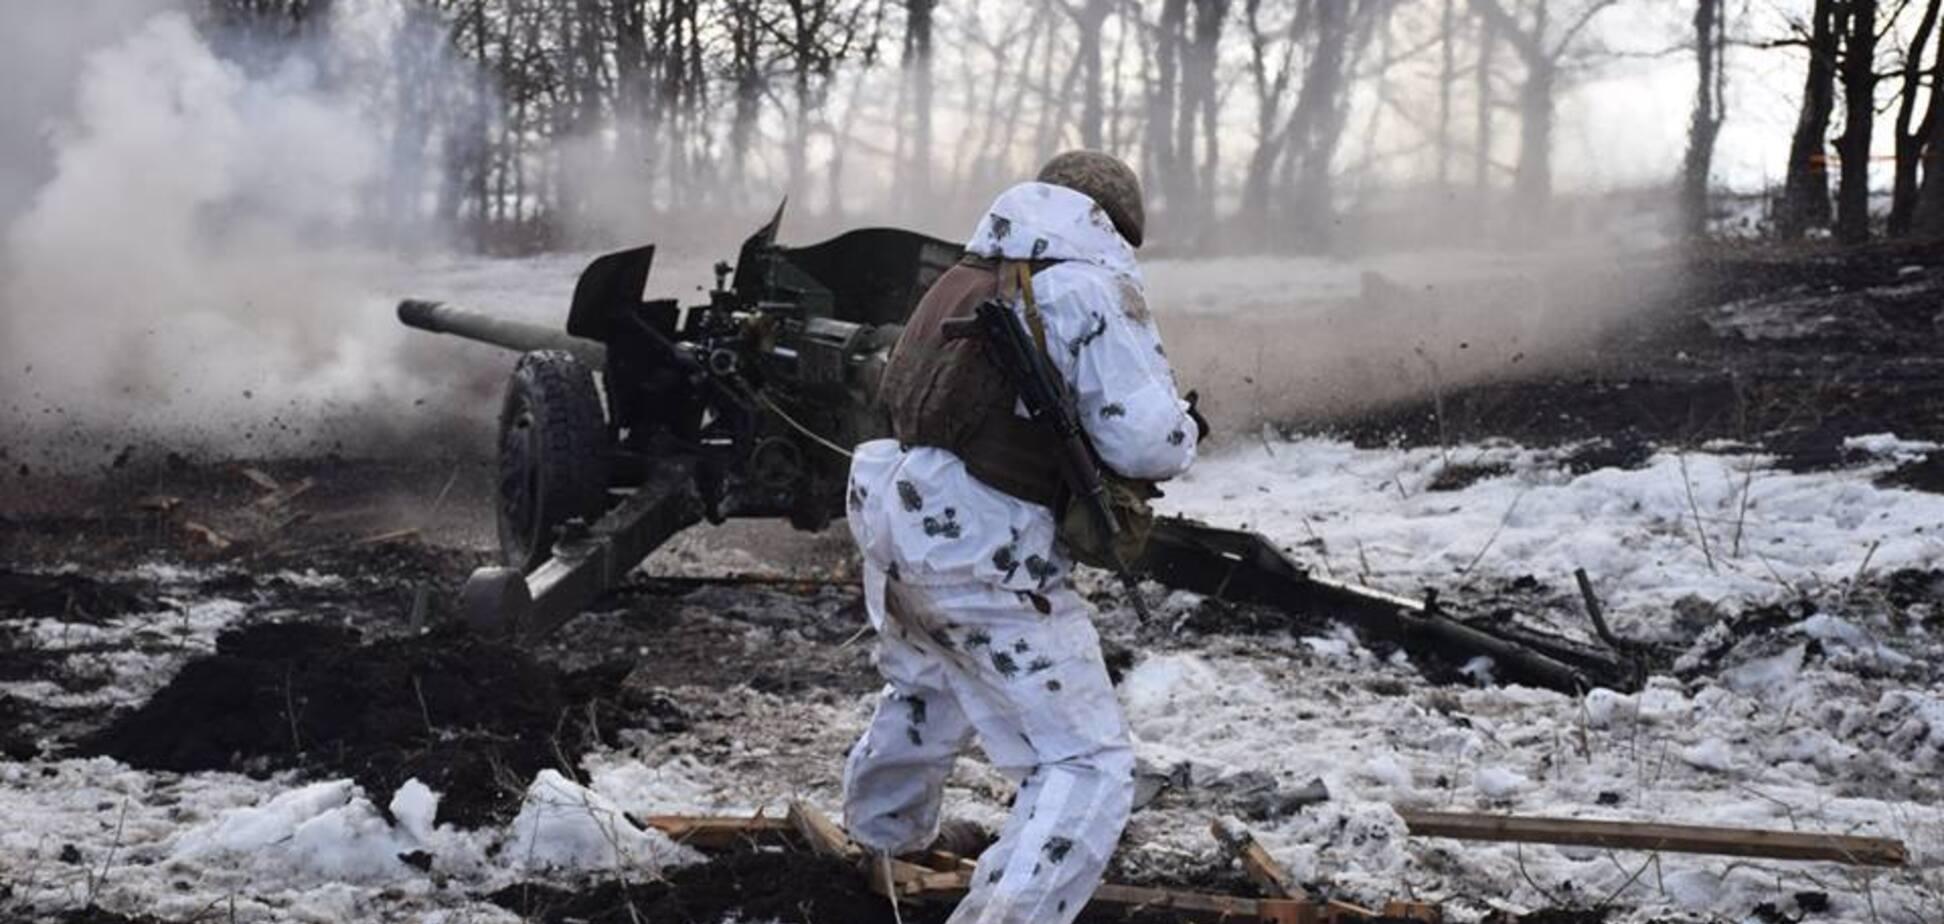 'Вінки поїхали на Росію': в ЗСУ показали вбитого окупанта